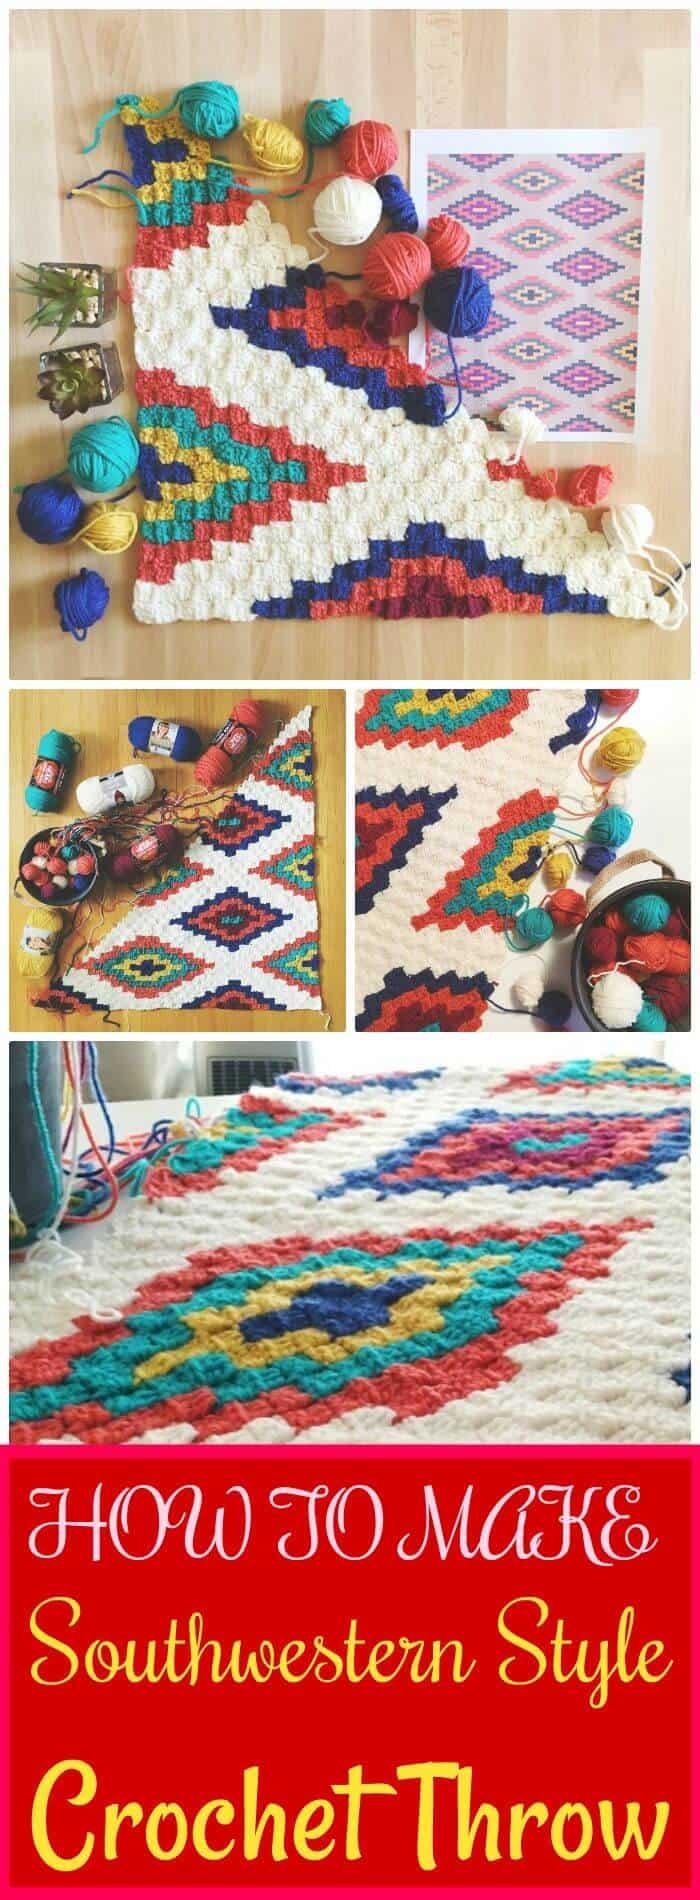 DIY Crochet Style Southwestern Throw, técnicas e instrucciones de crochet DIY c2c